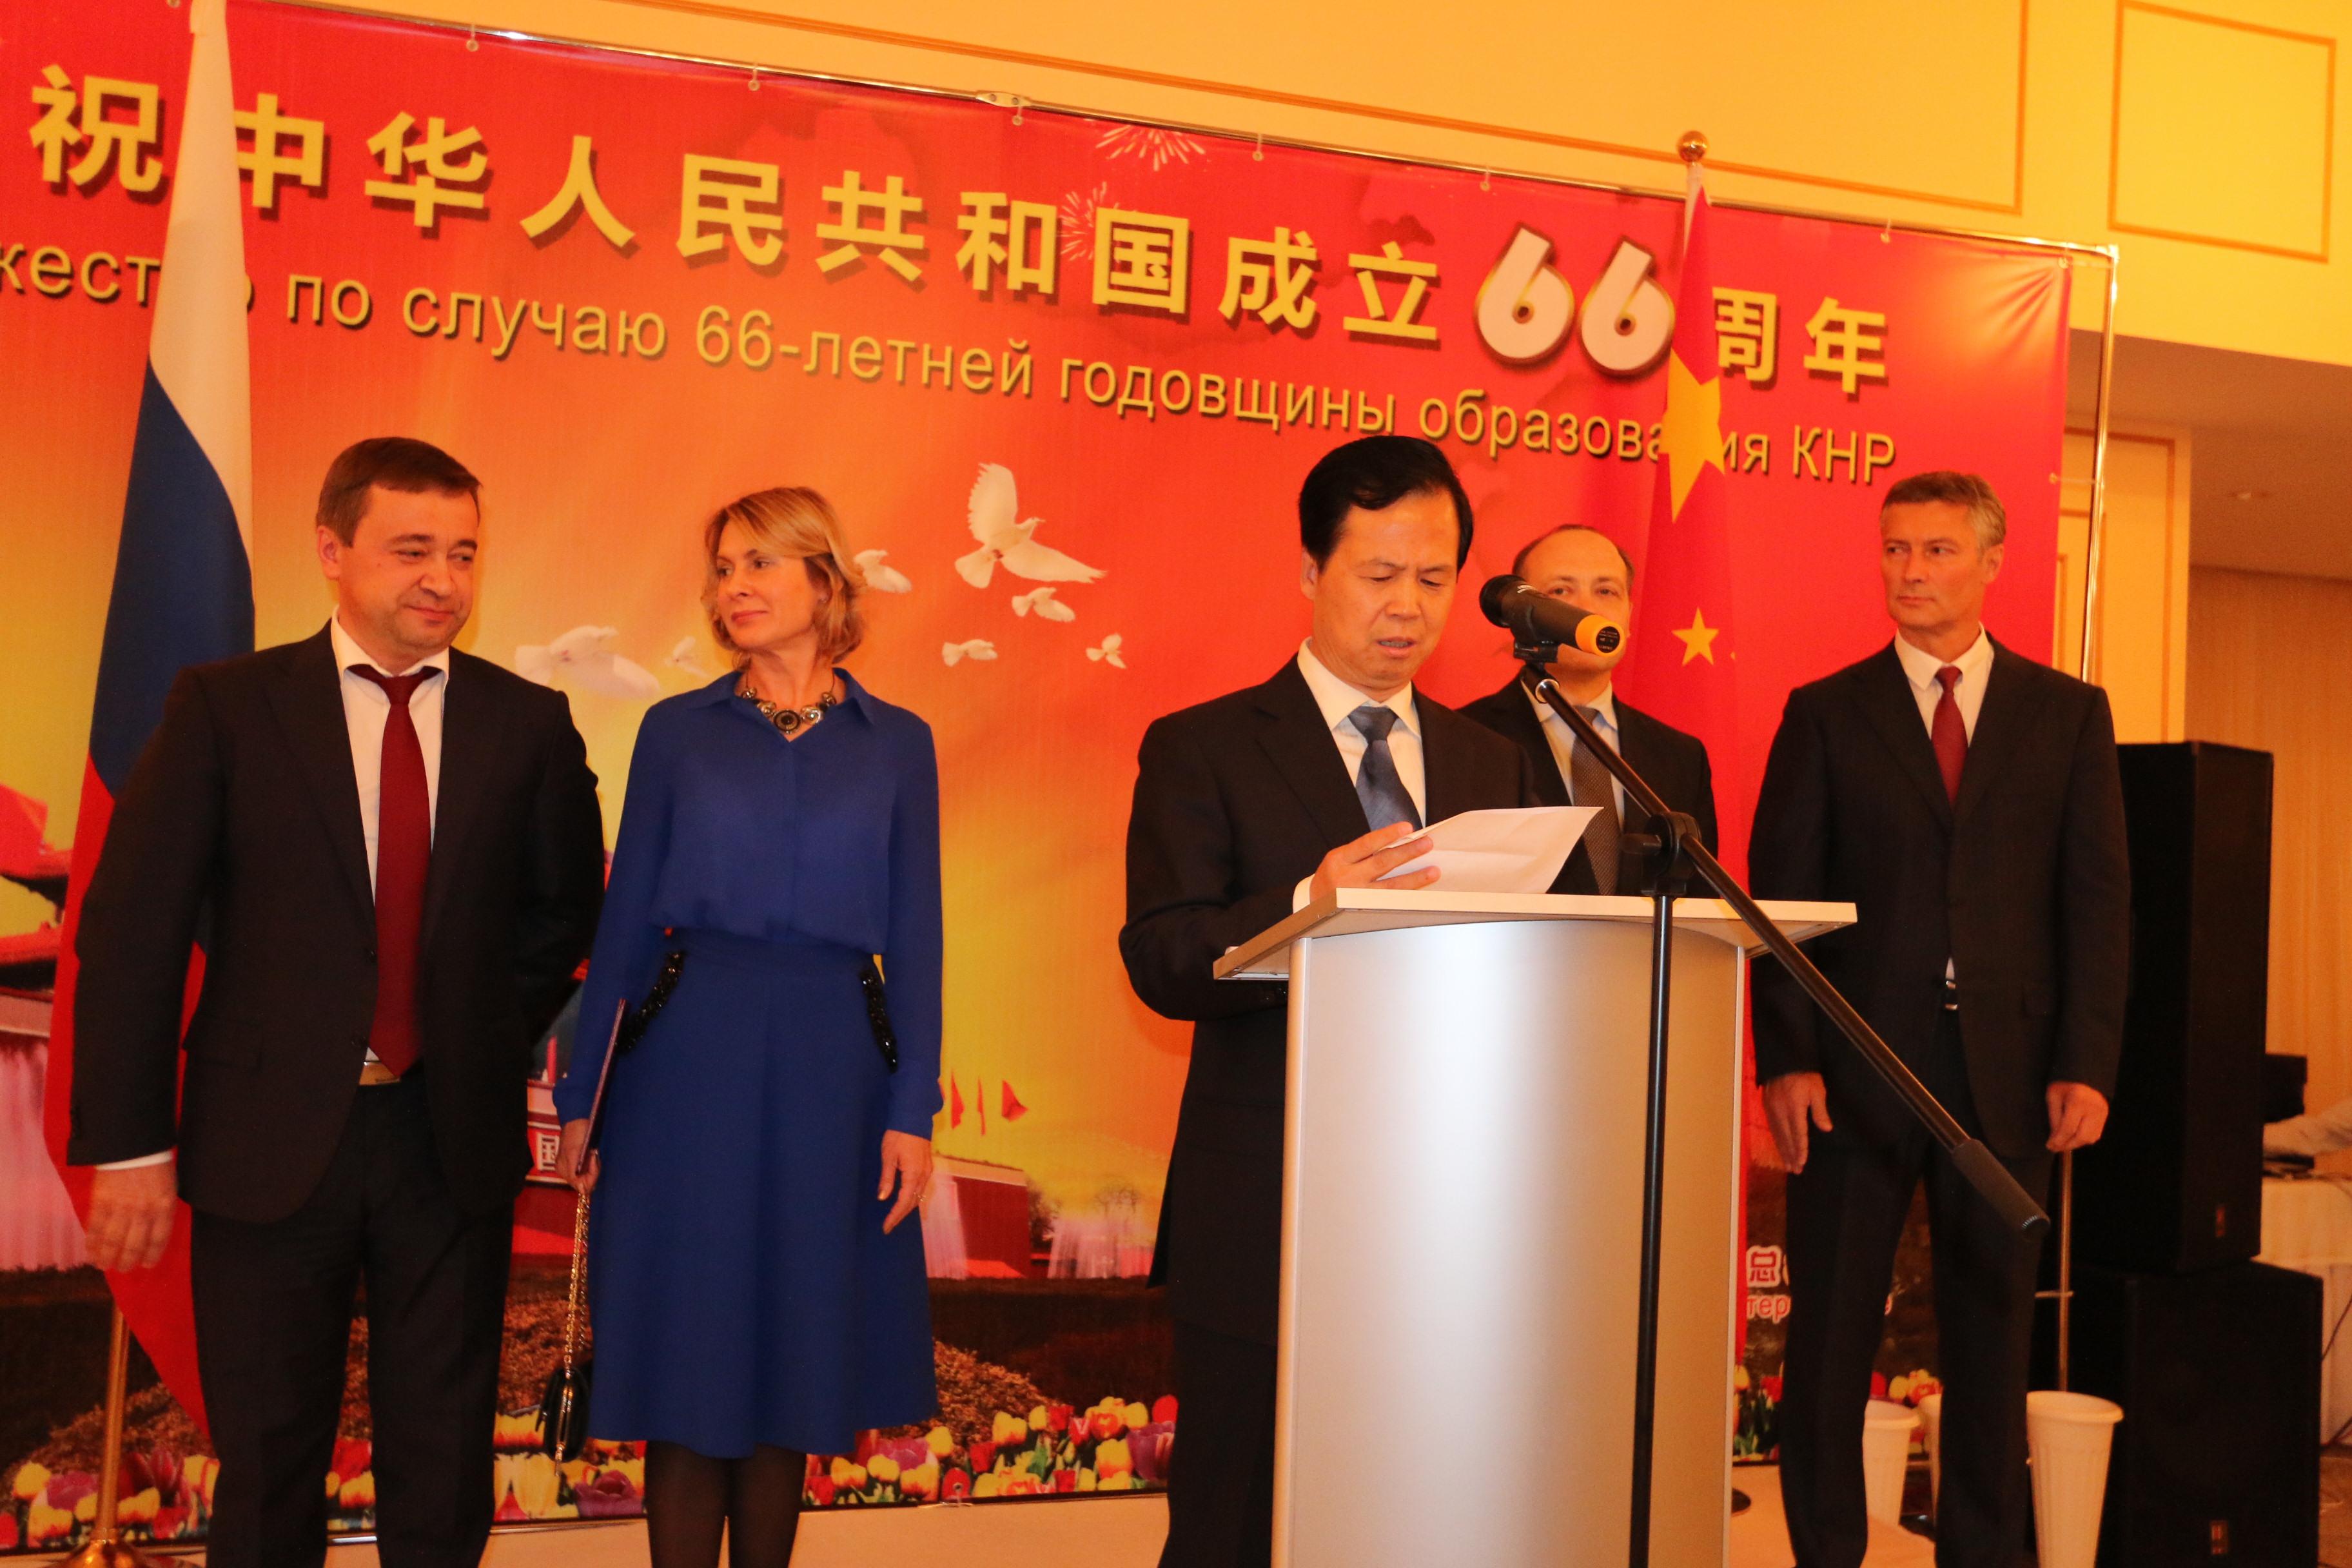 Фото: Генконсульство КНР в Екатеринбурге